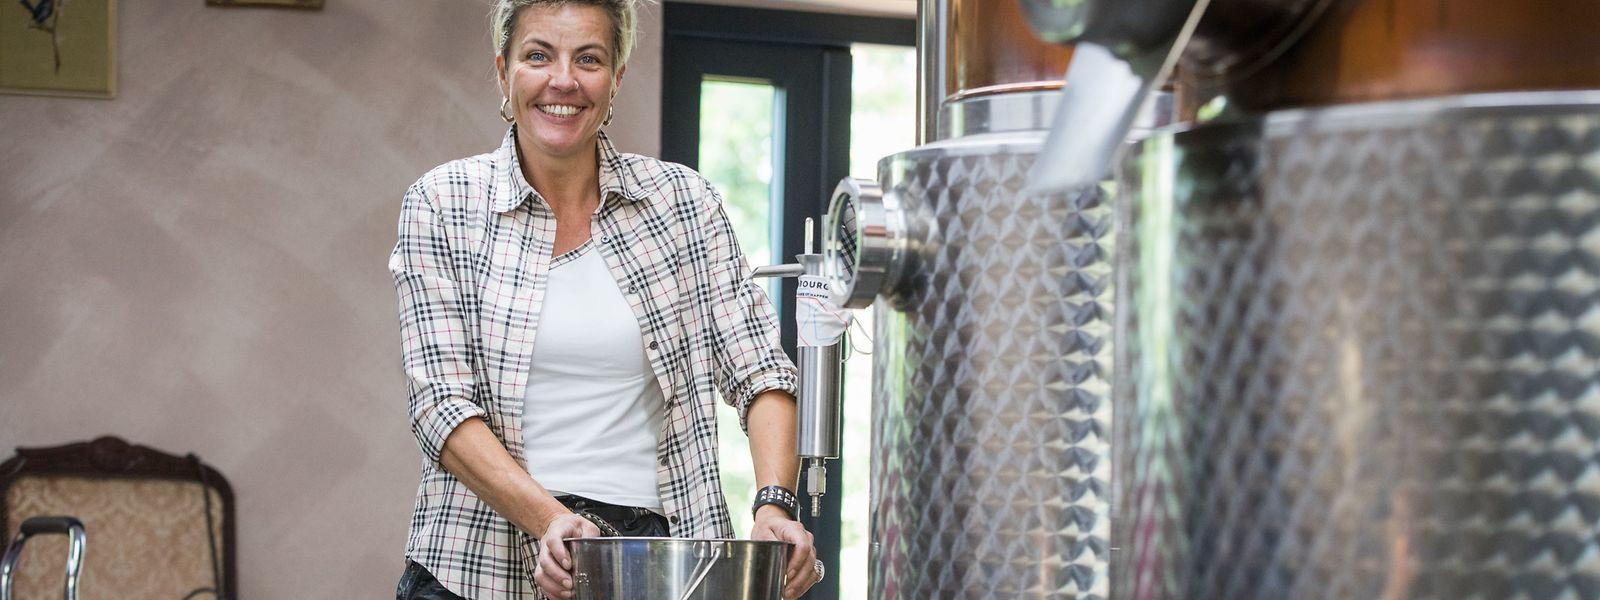 Zwei Wochen lang braucht Caroline Van Langendonck, um die 10.000 Liter Wein zu verarbeiten, die ihr geliefert wurden.